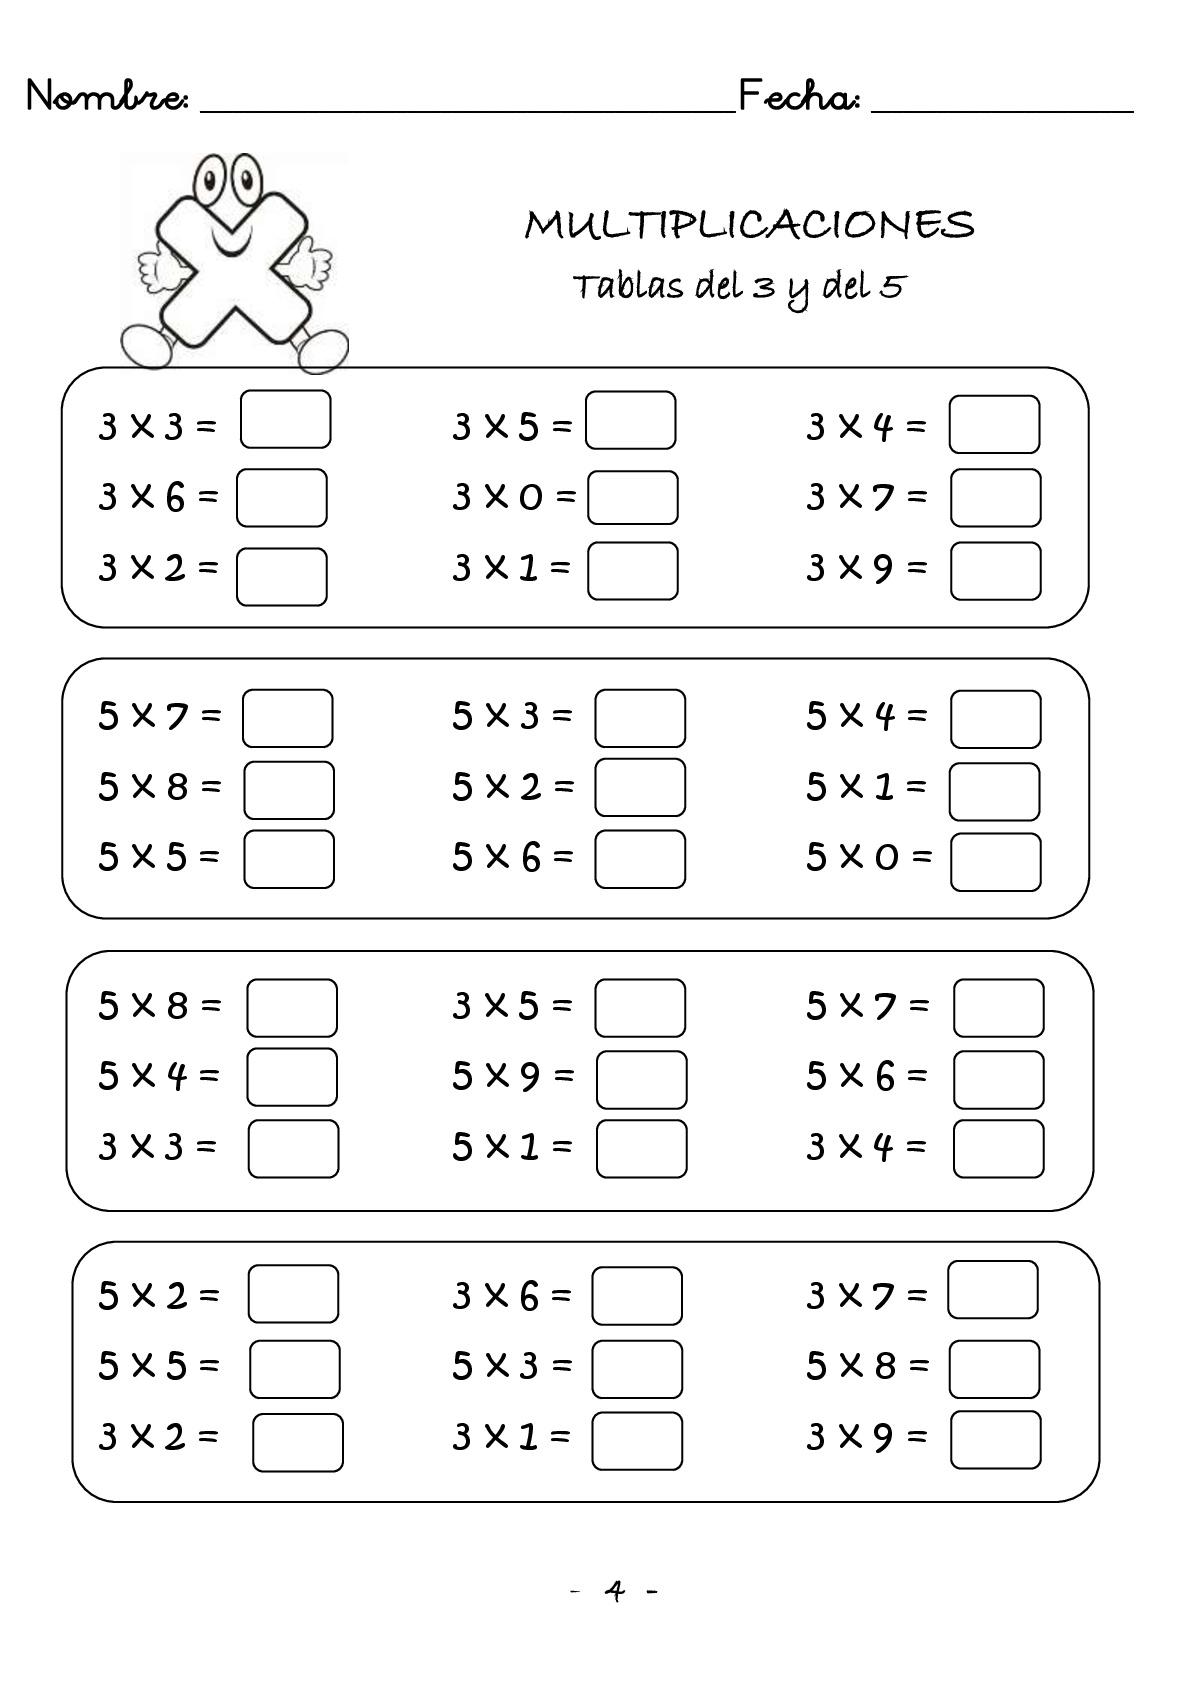 multiplicaciones-rapidas-una-cifra-protegido-005